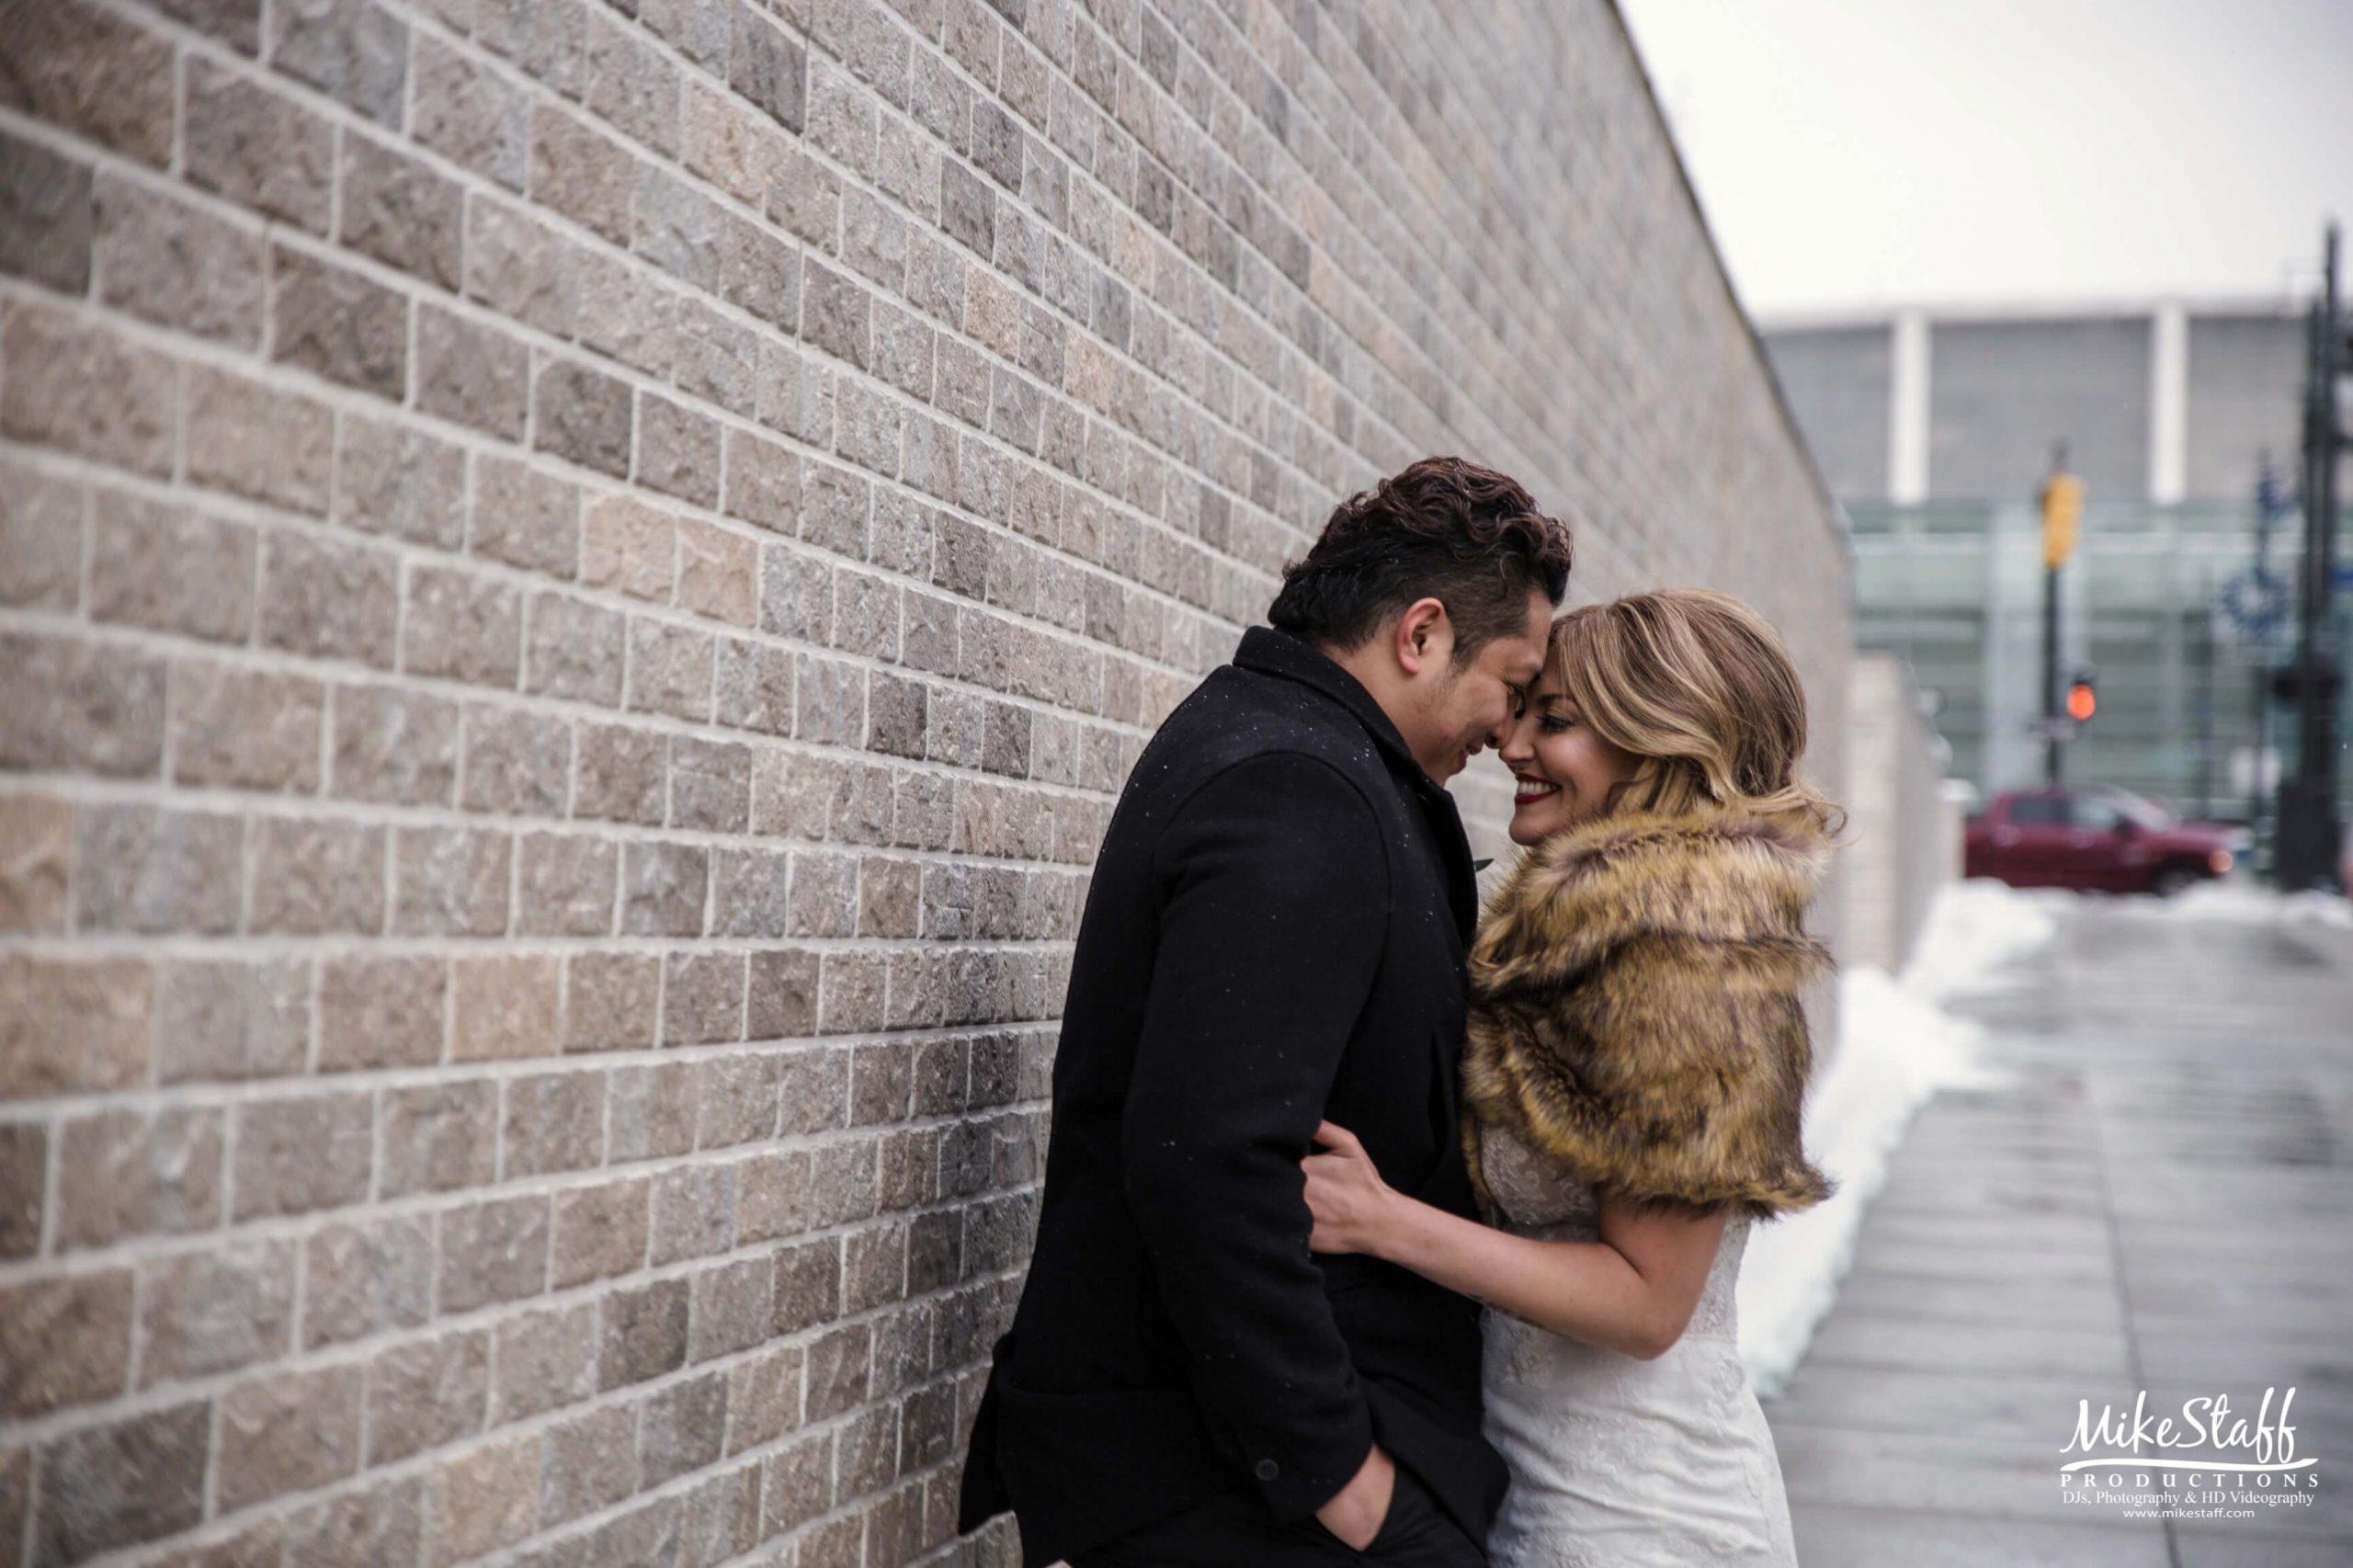 bride and groom outdoor wedding in winter in Detroit